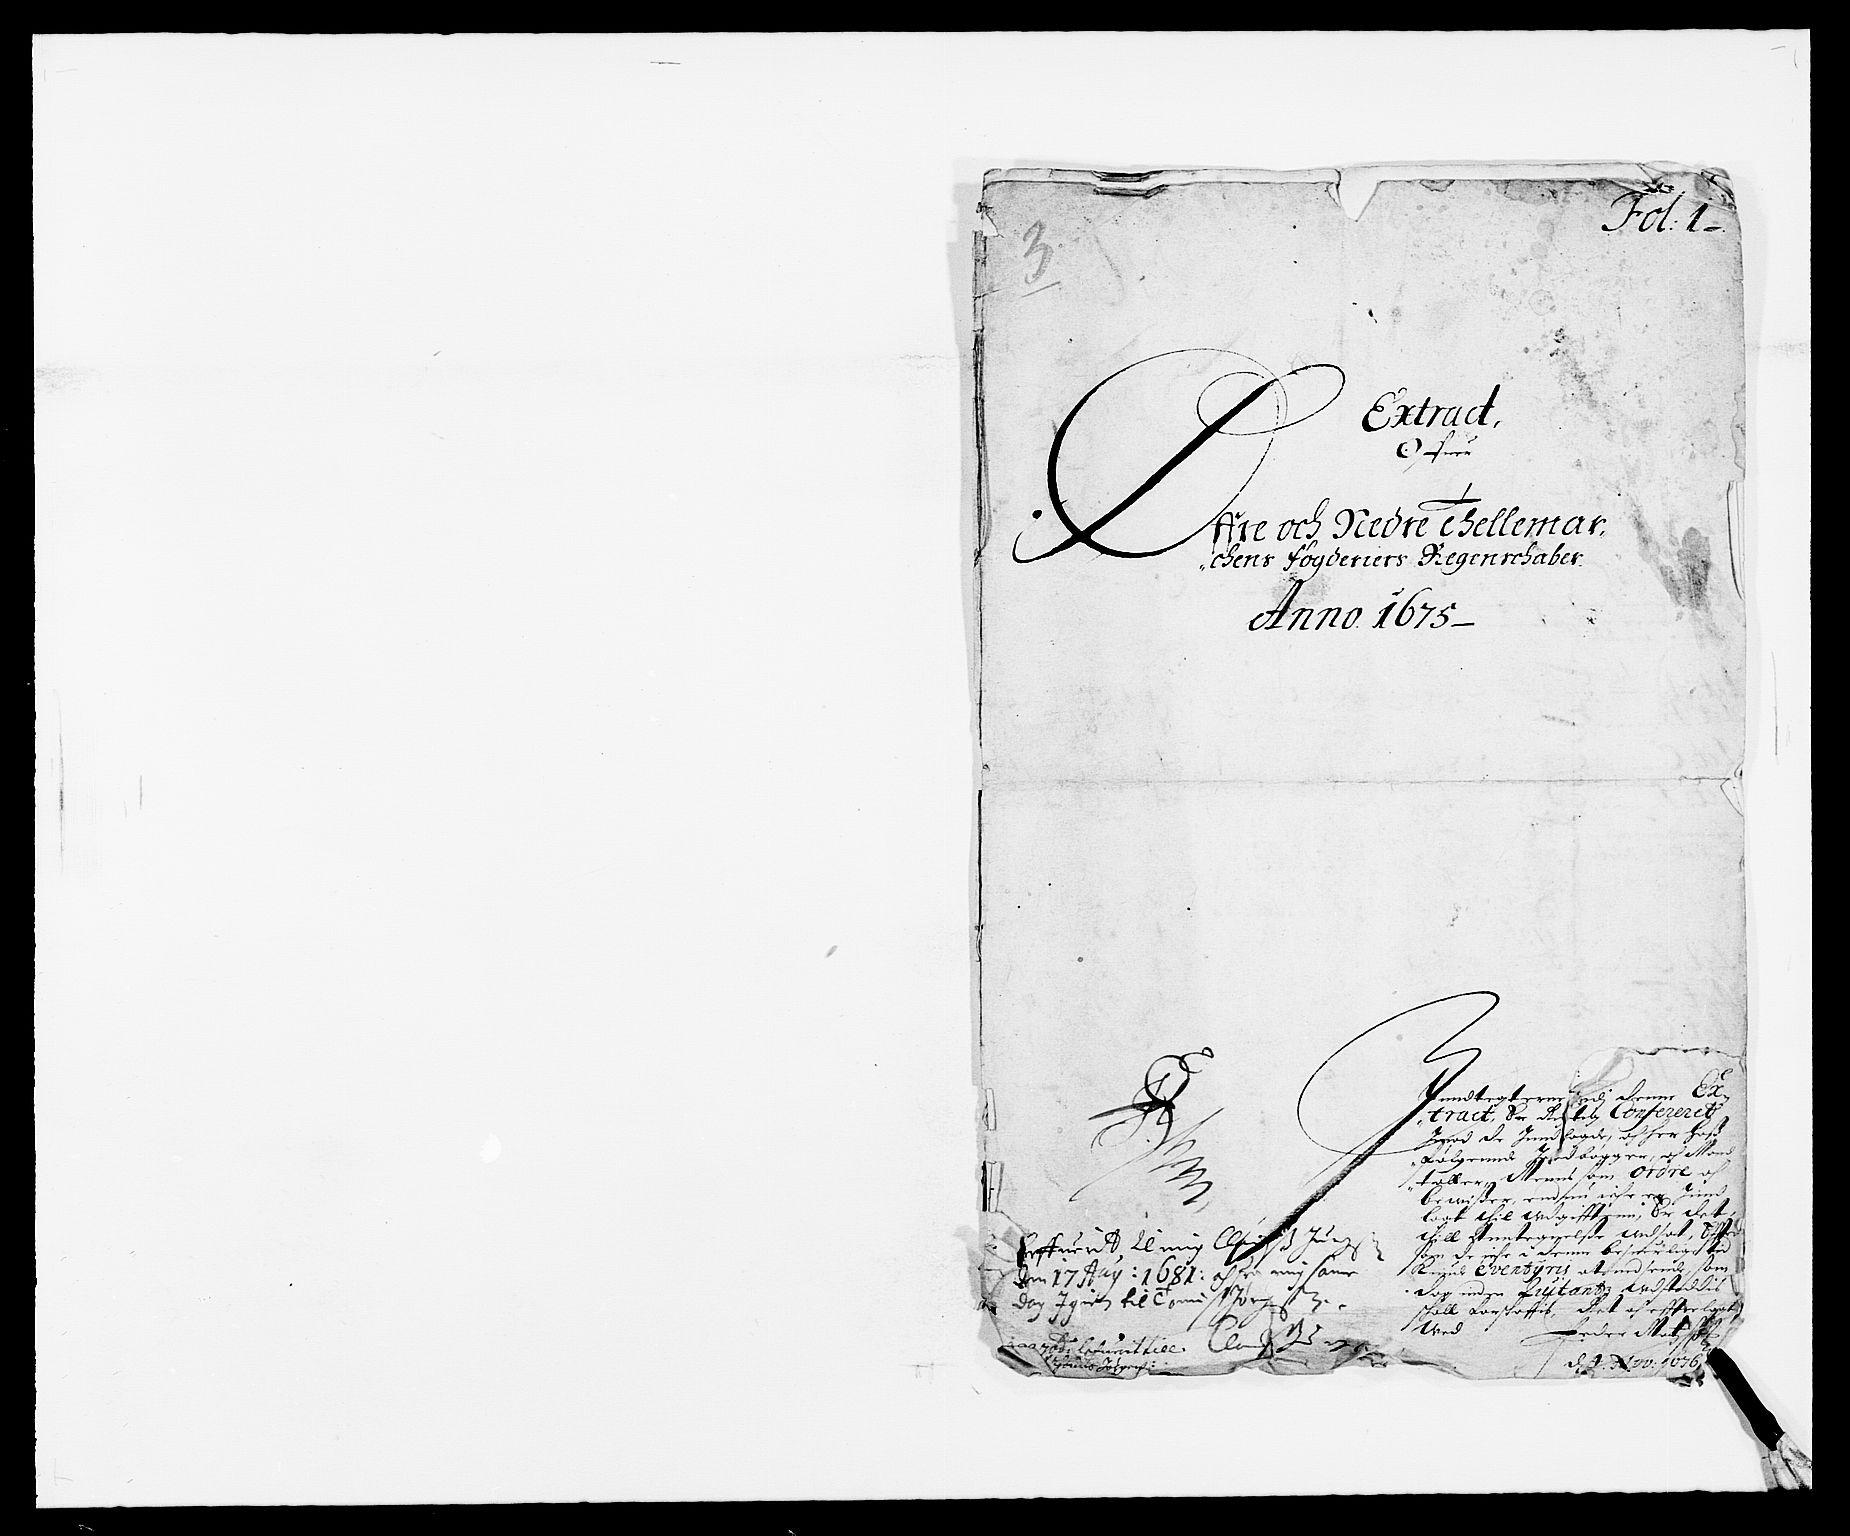 RA, Rentekammeret inntil 1814, Reviderte regnskaper, Fogderegnskap, R35/L2063: Fogderegnskap Øvre og Nedre Telemark, 1675, s. 1